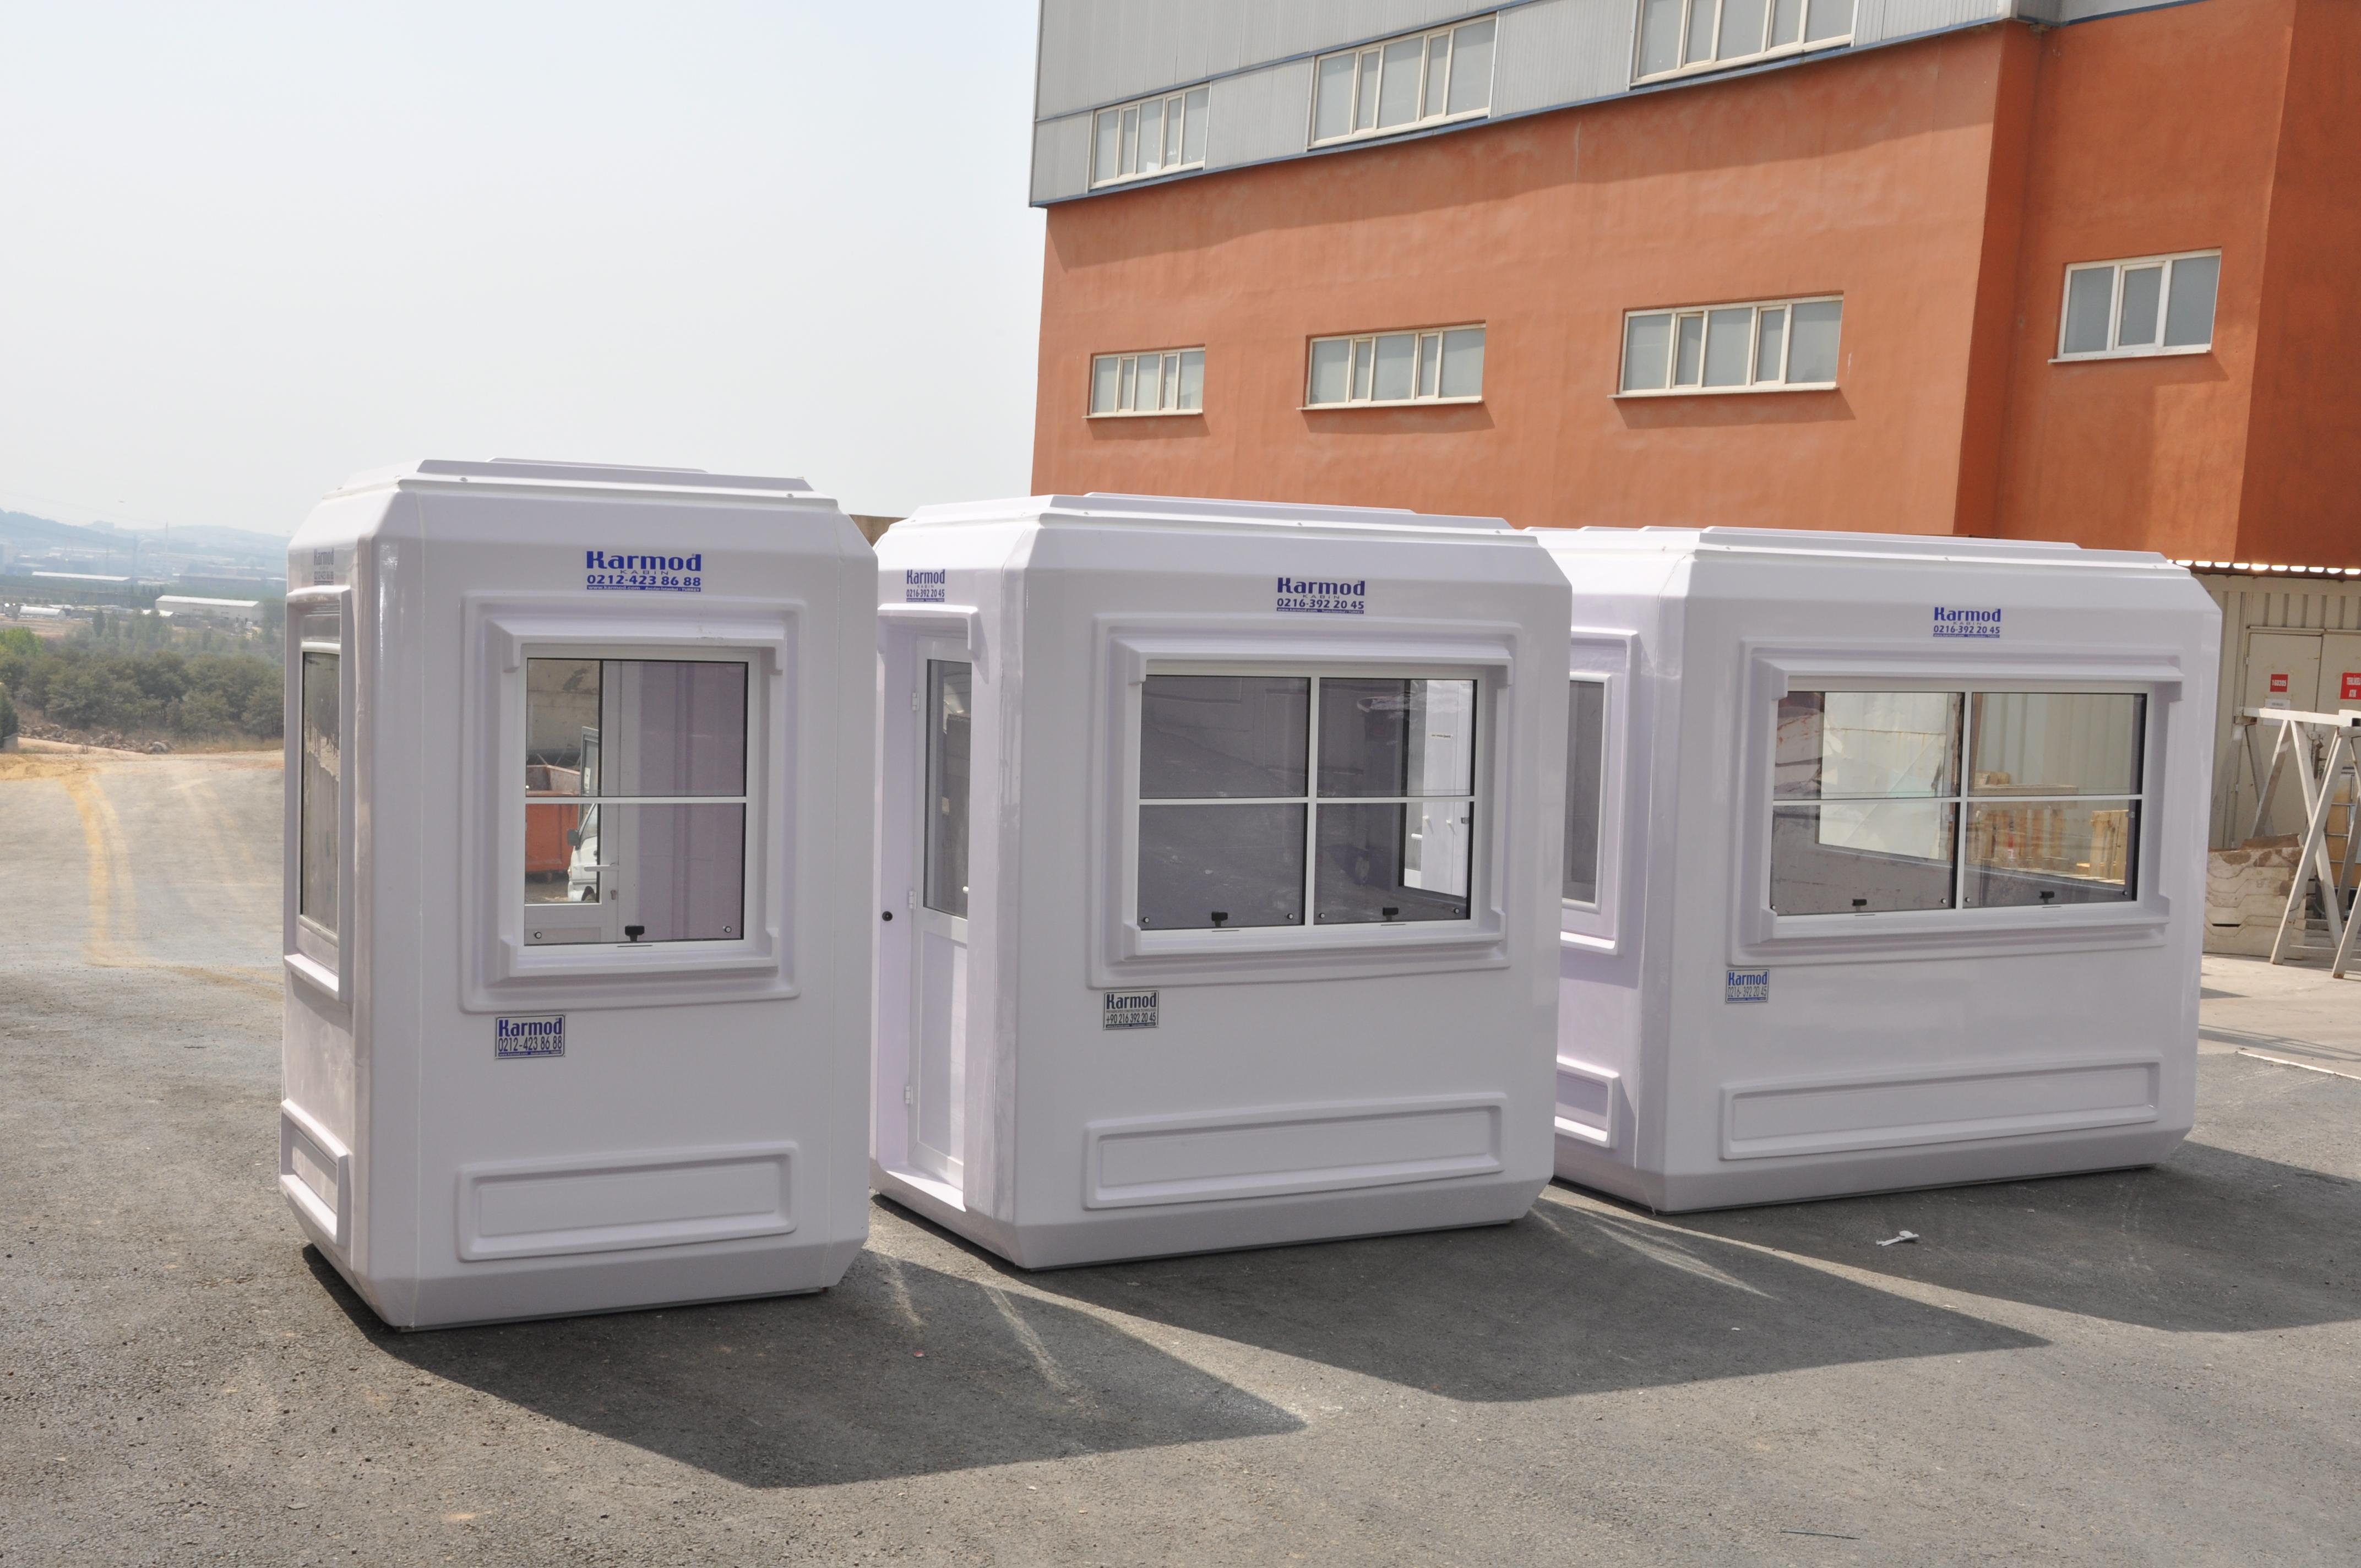 Guaritas de fibra Blindagem de Guarita Karmod Turquia Karmod #824530 4288x2848 Banheiro De Fibra De Vidro